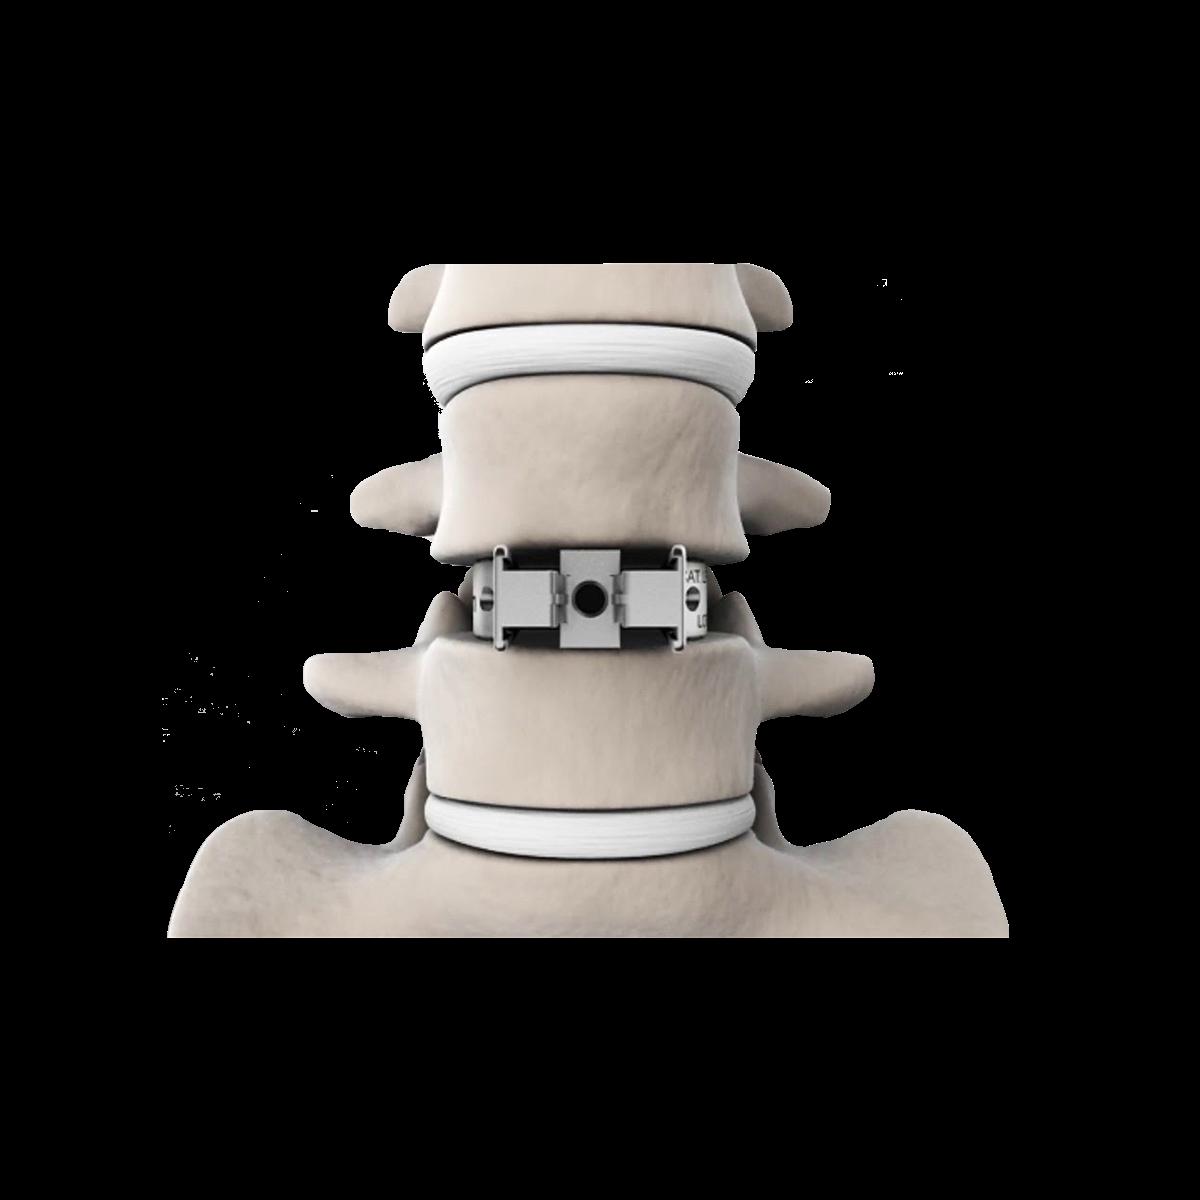 Disc prosthesis